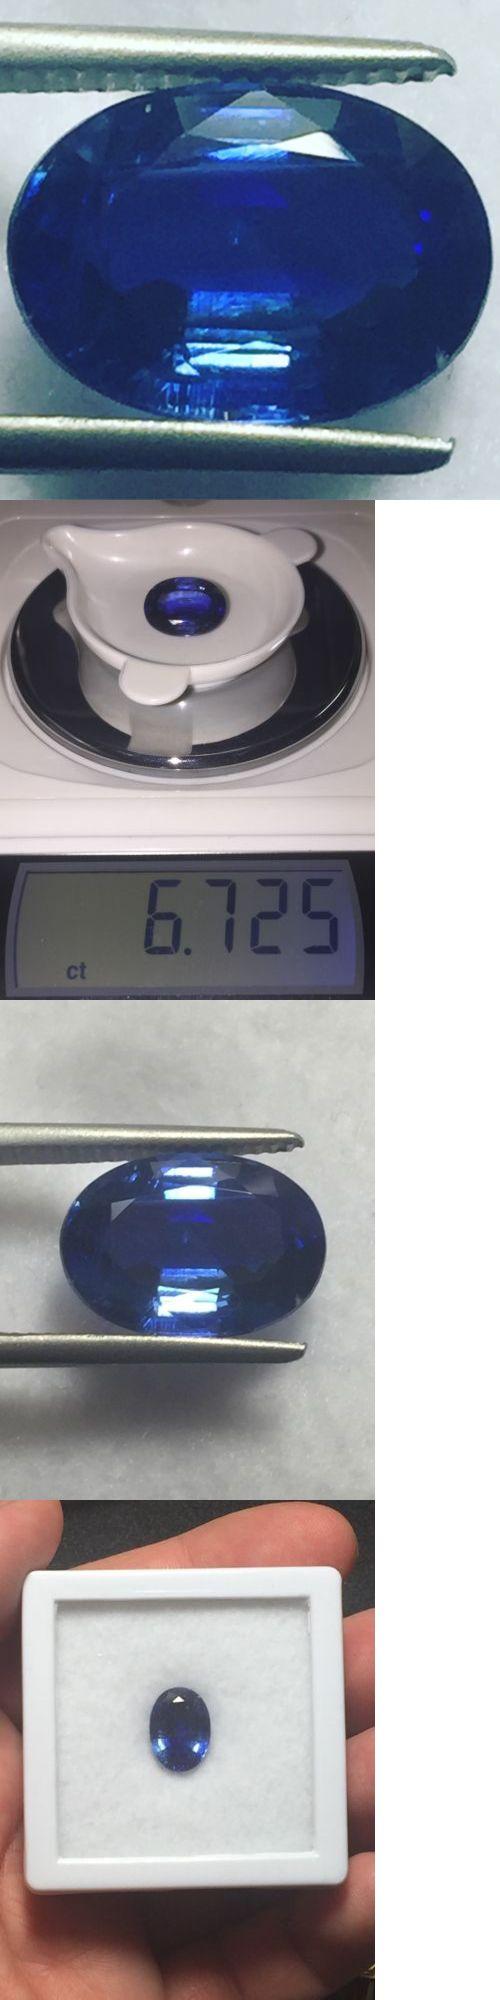 Kyanite 110799: Natural 6.72 Carat Blue Kyanite Genuine Loose Gemstone Oval -> BUY IT NOW ONLY: $275 on eBay!